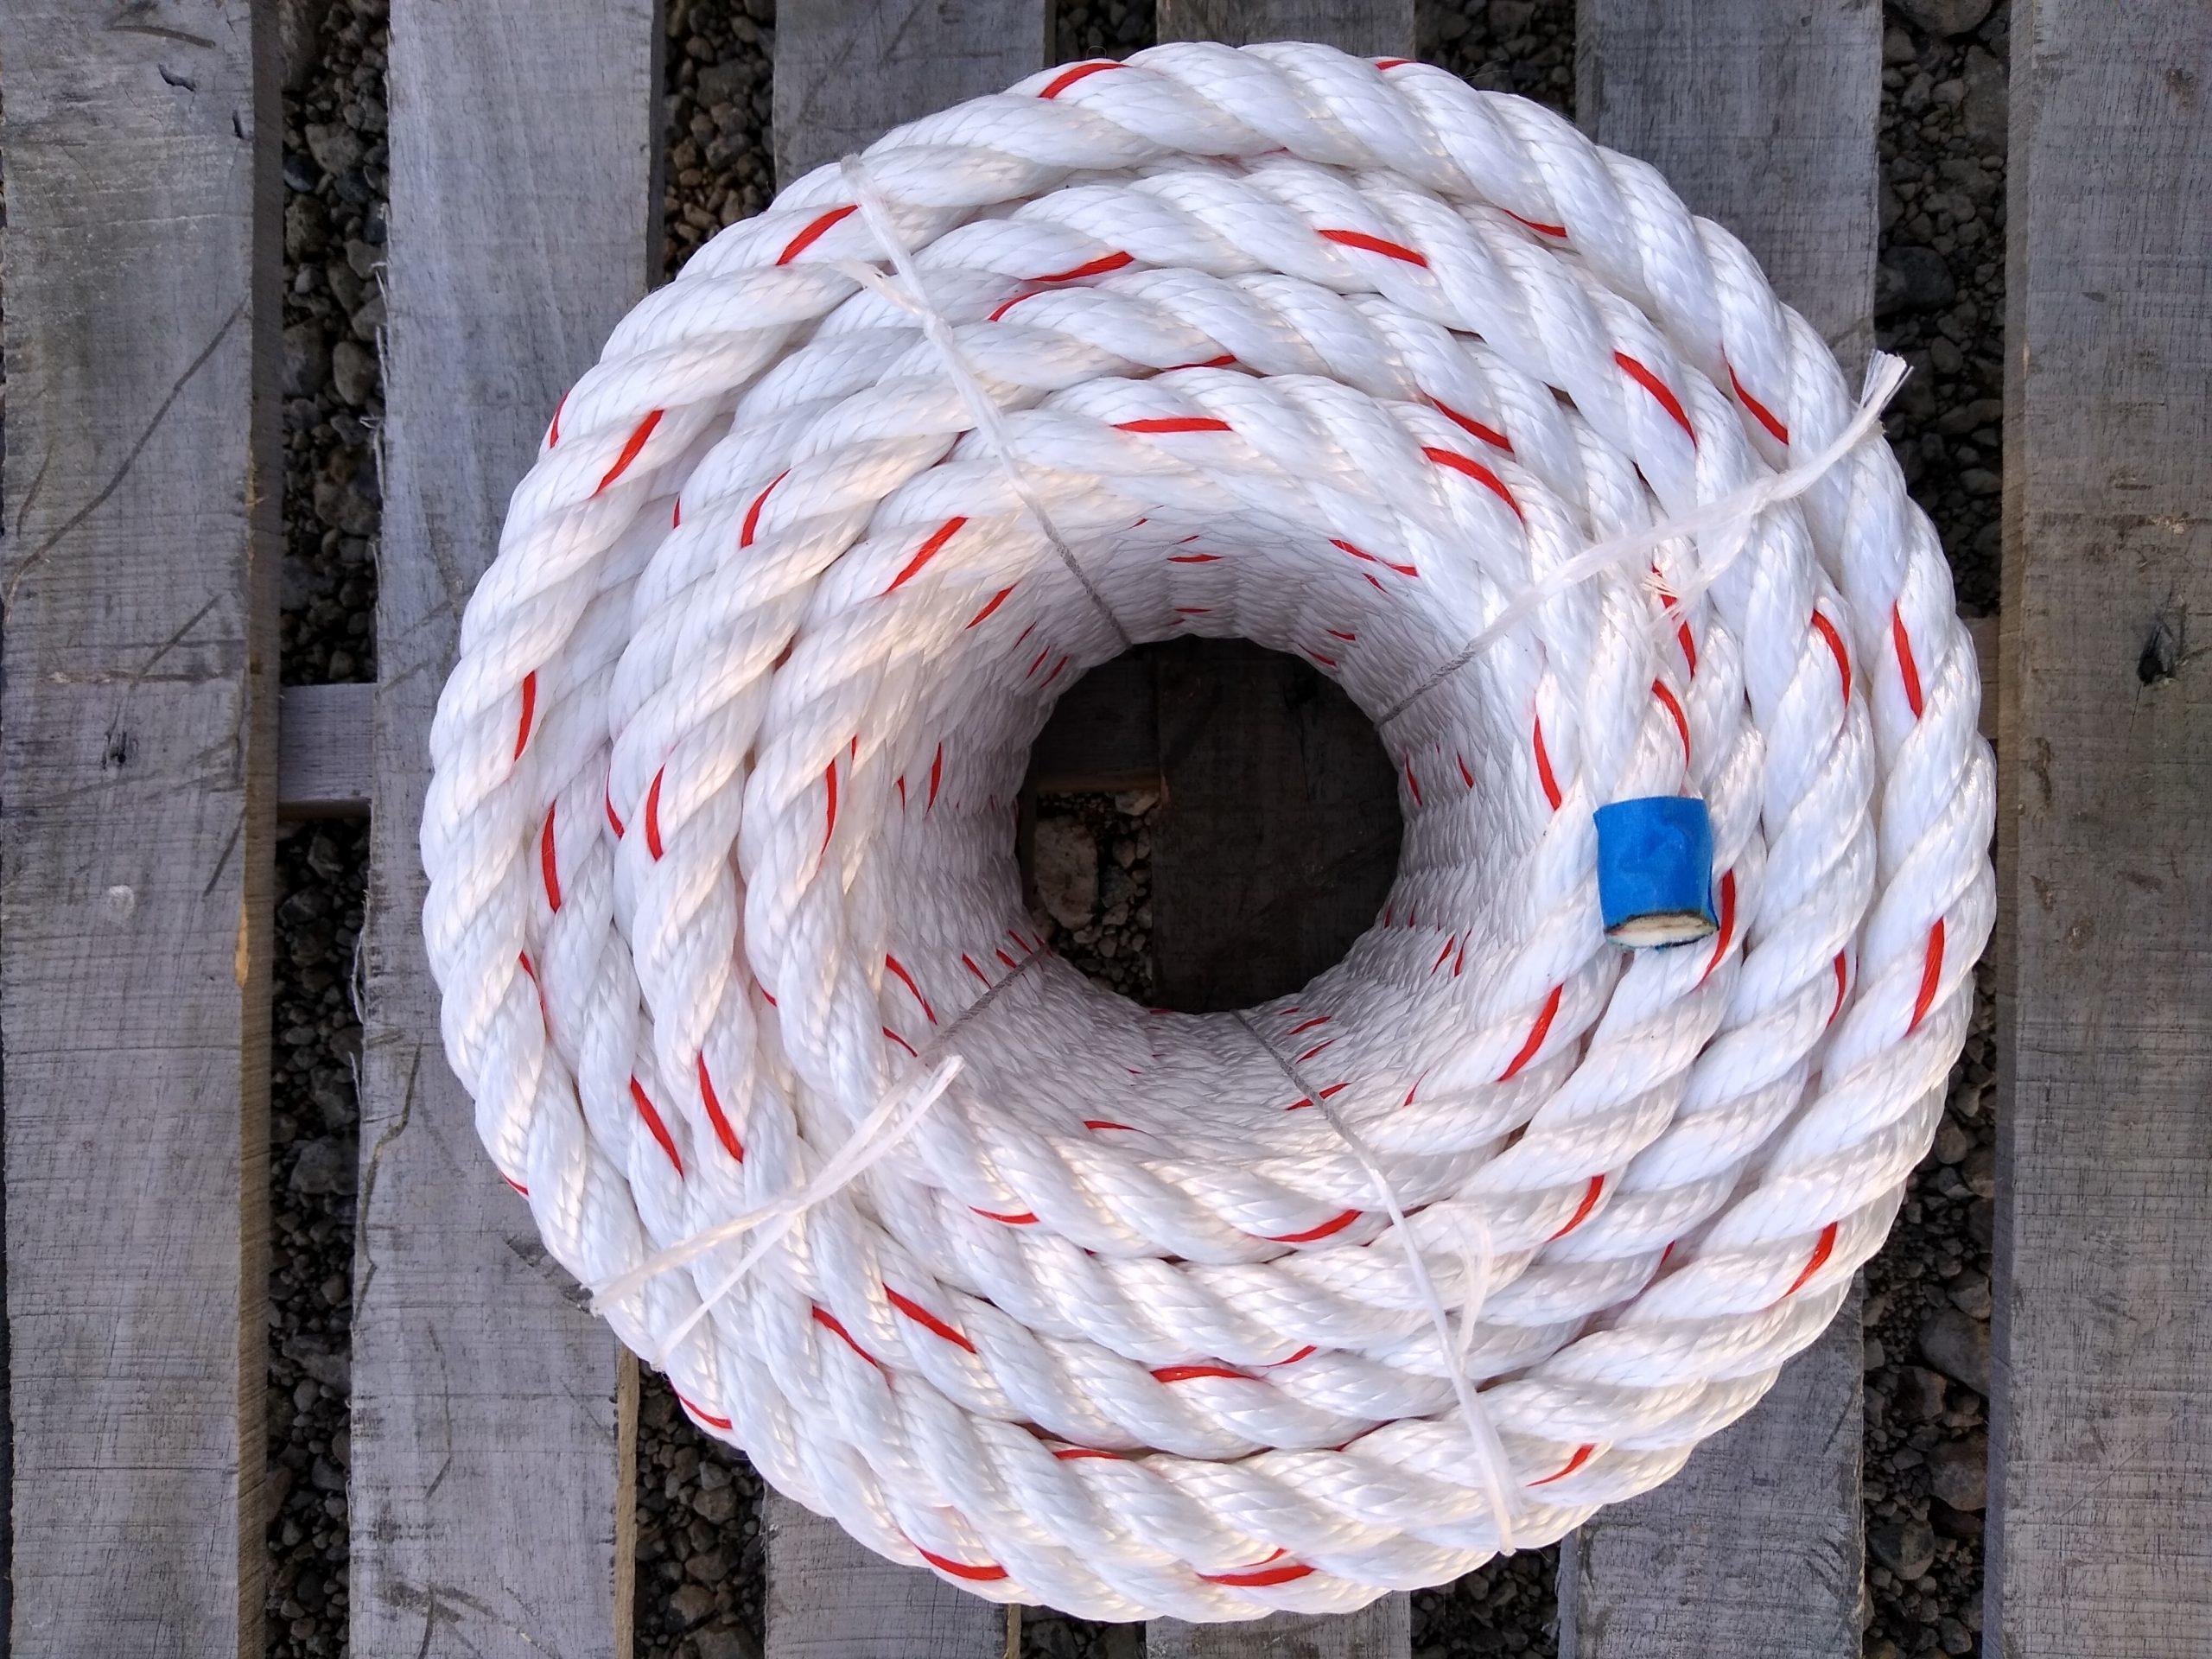 Economy Arborist Bull Rope coil